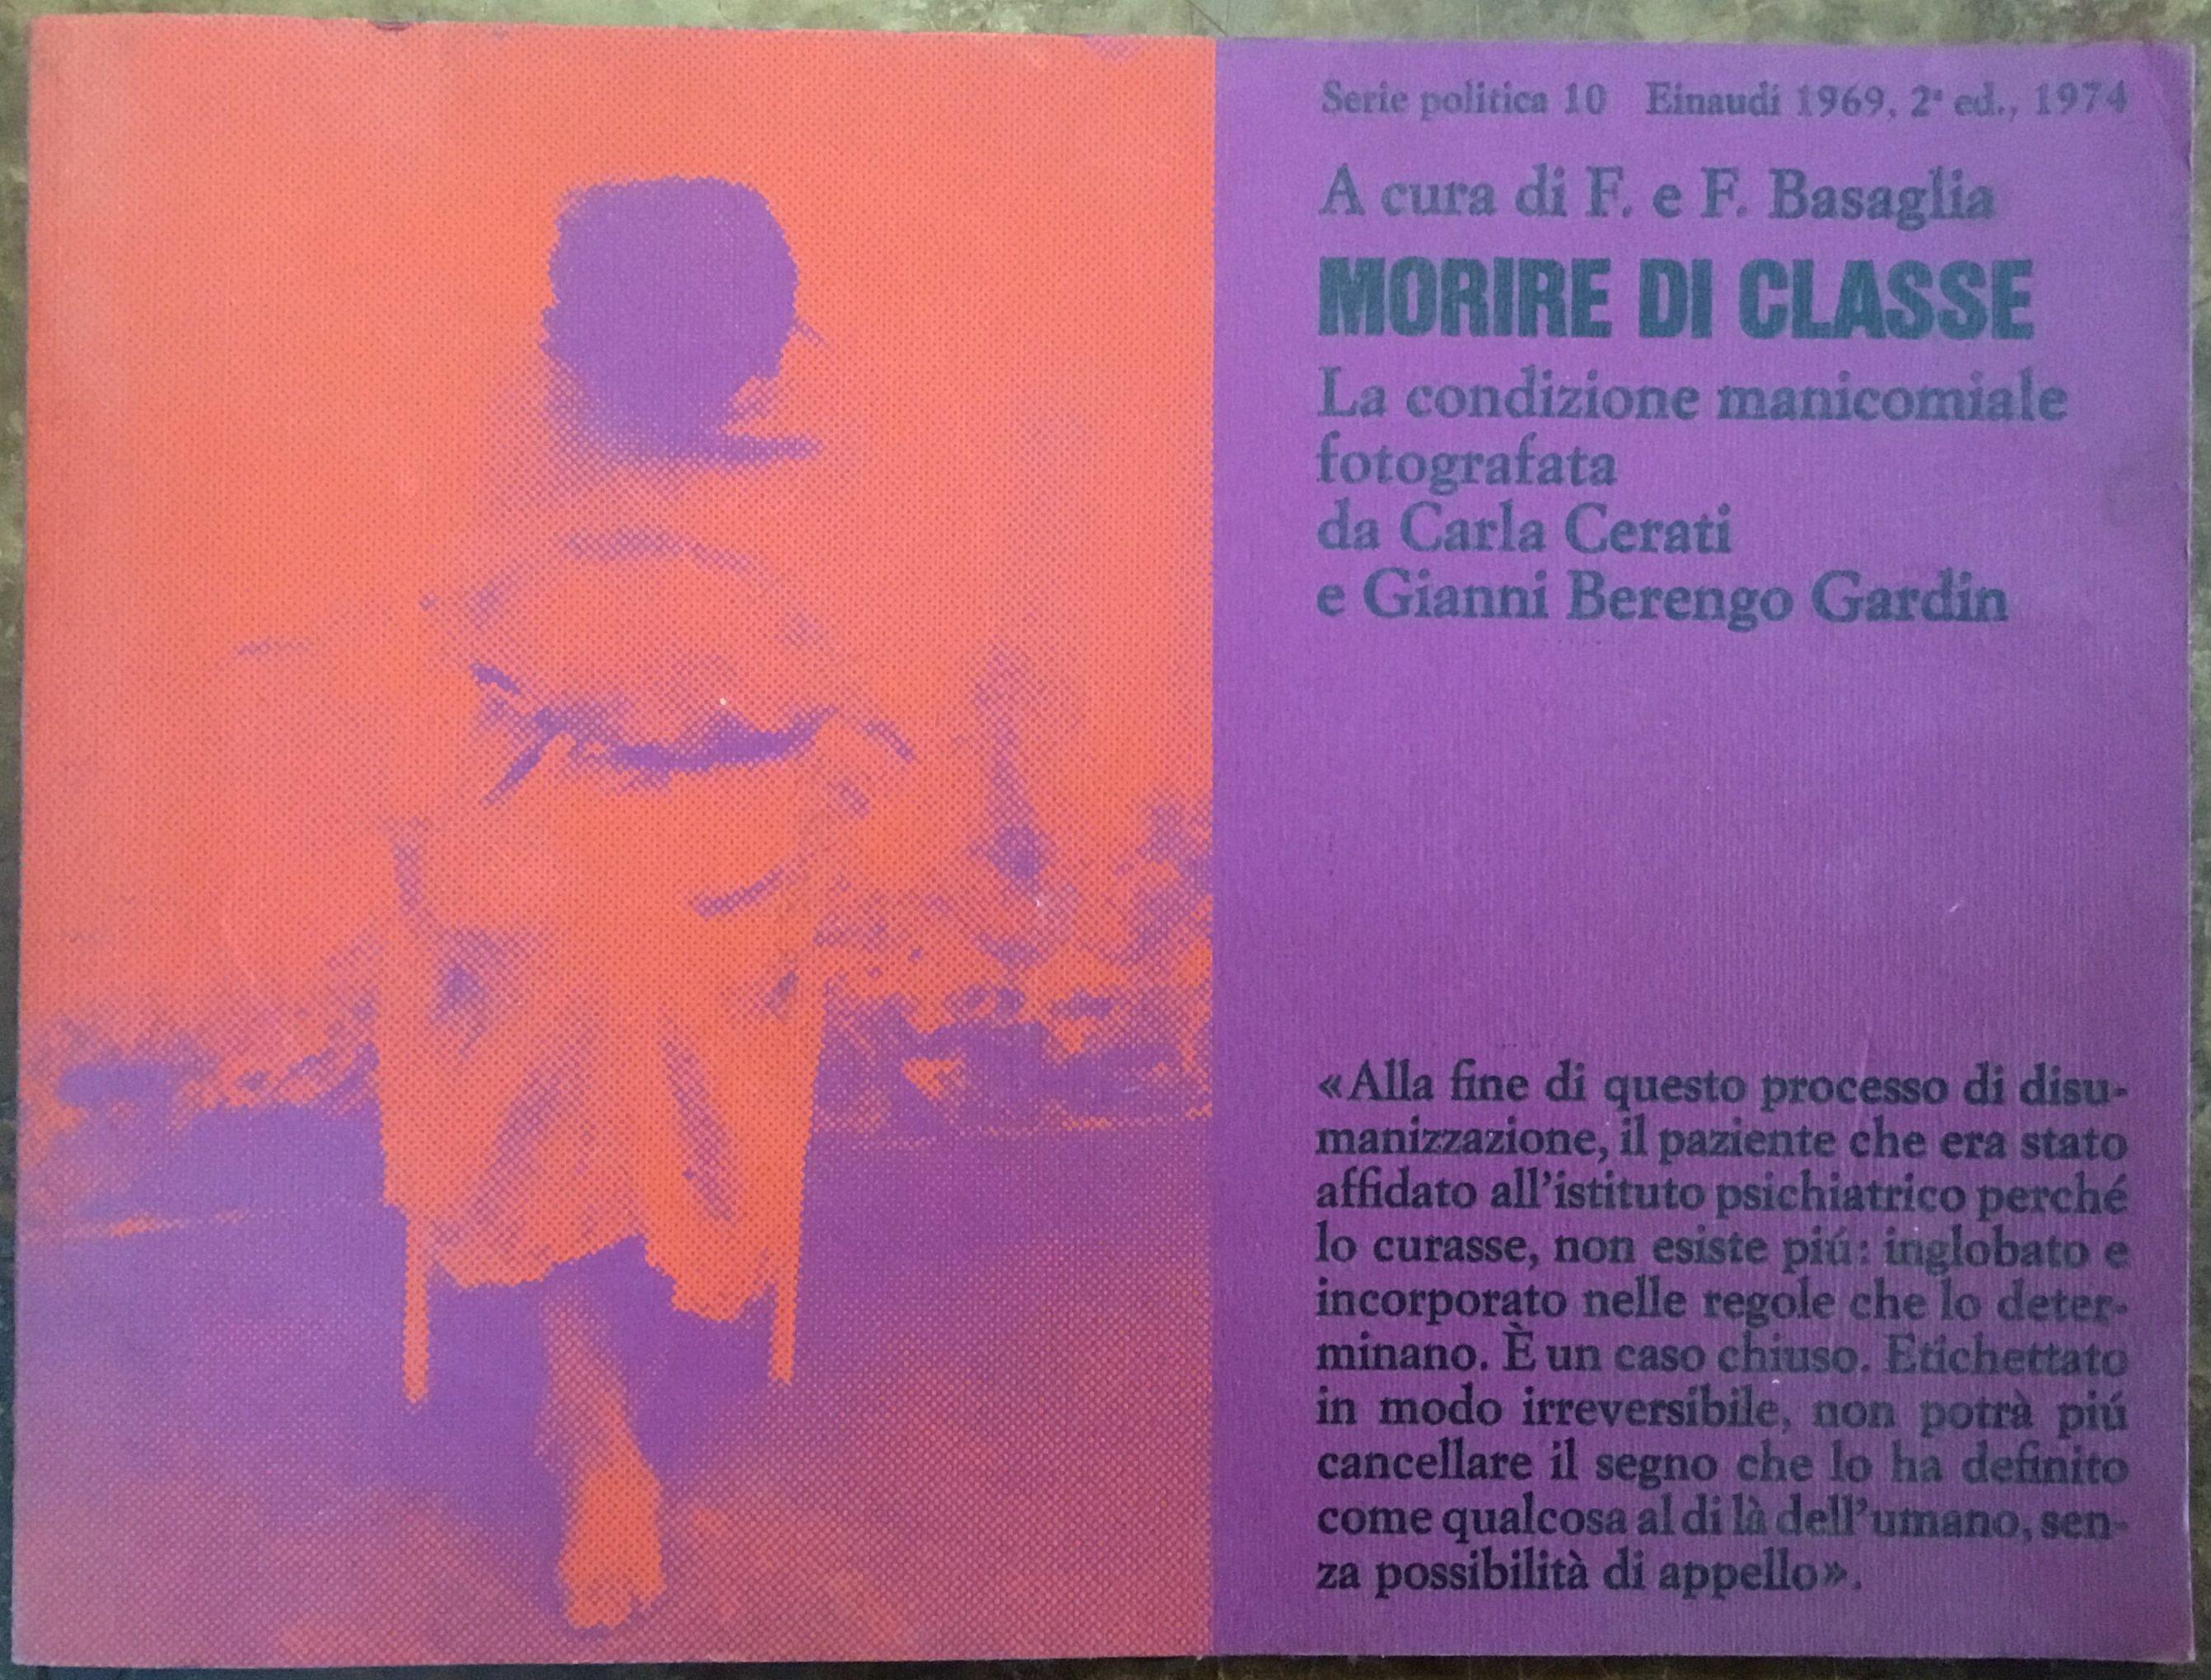 Morire di classe. La condizione manicomiale fotografata da Carla Cerati e Gianni Berengo Gardin. Seconda edizione